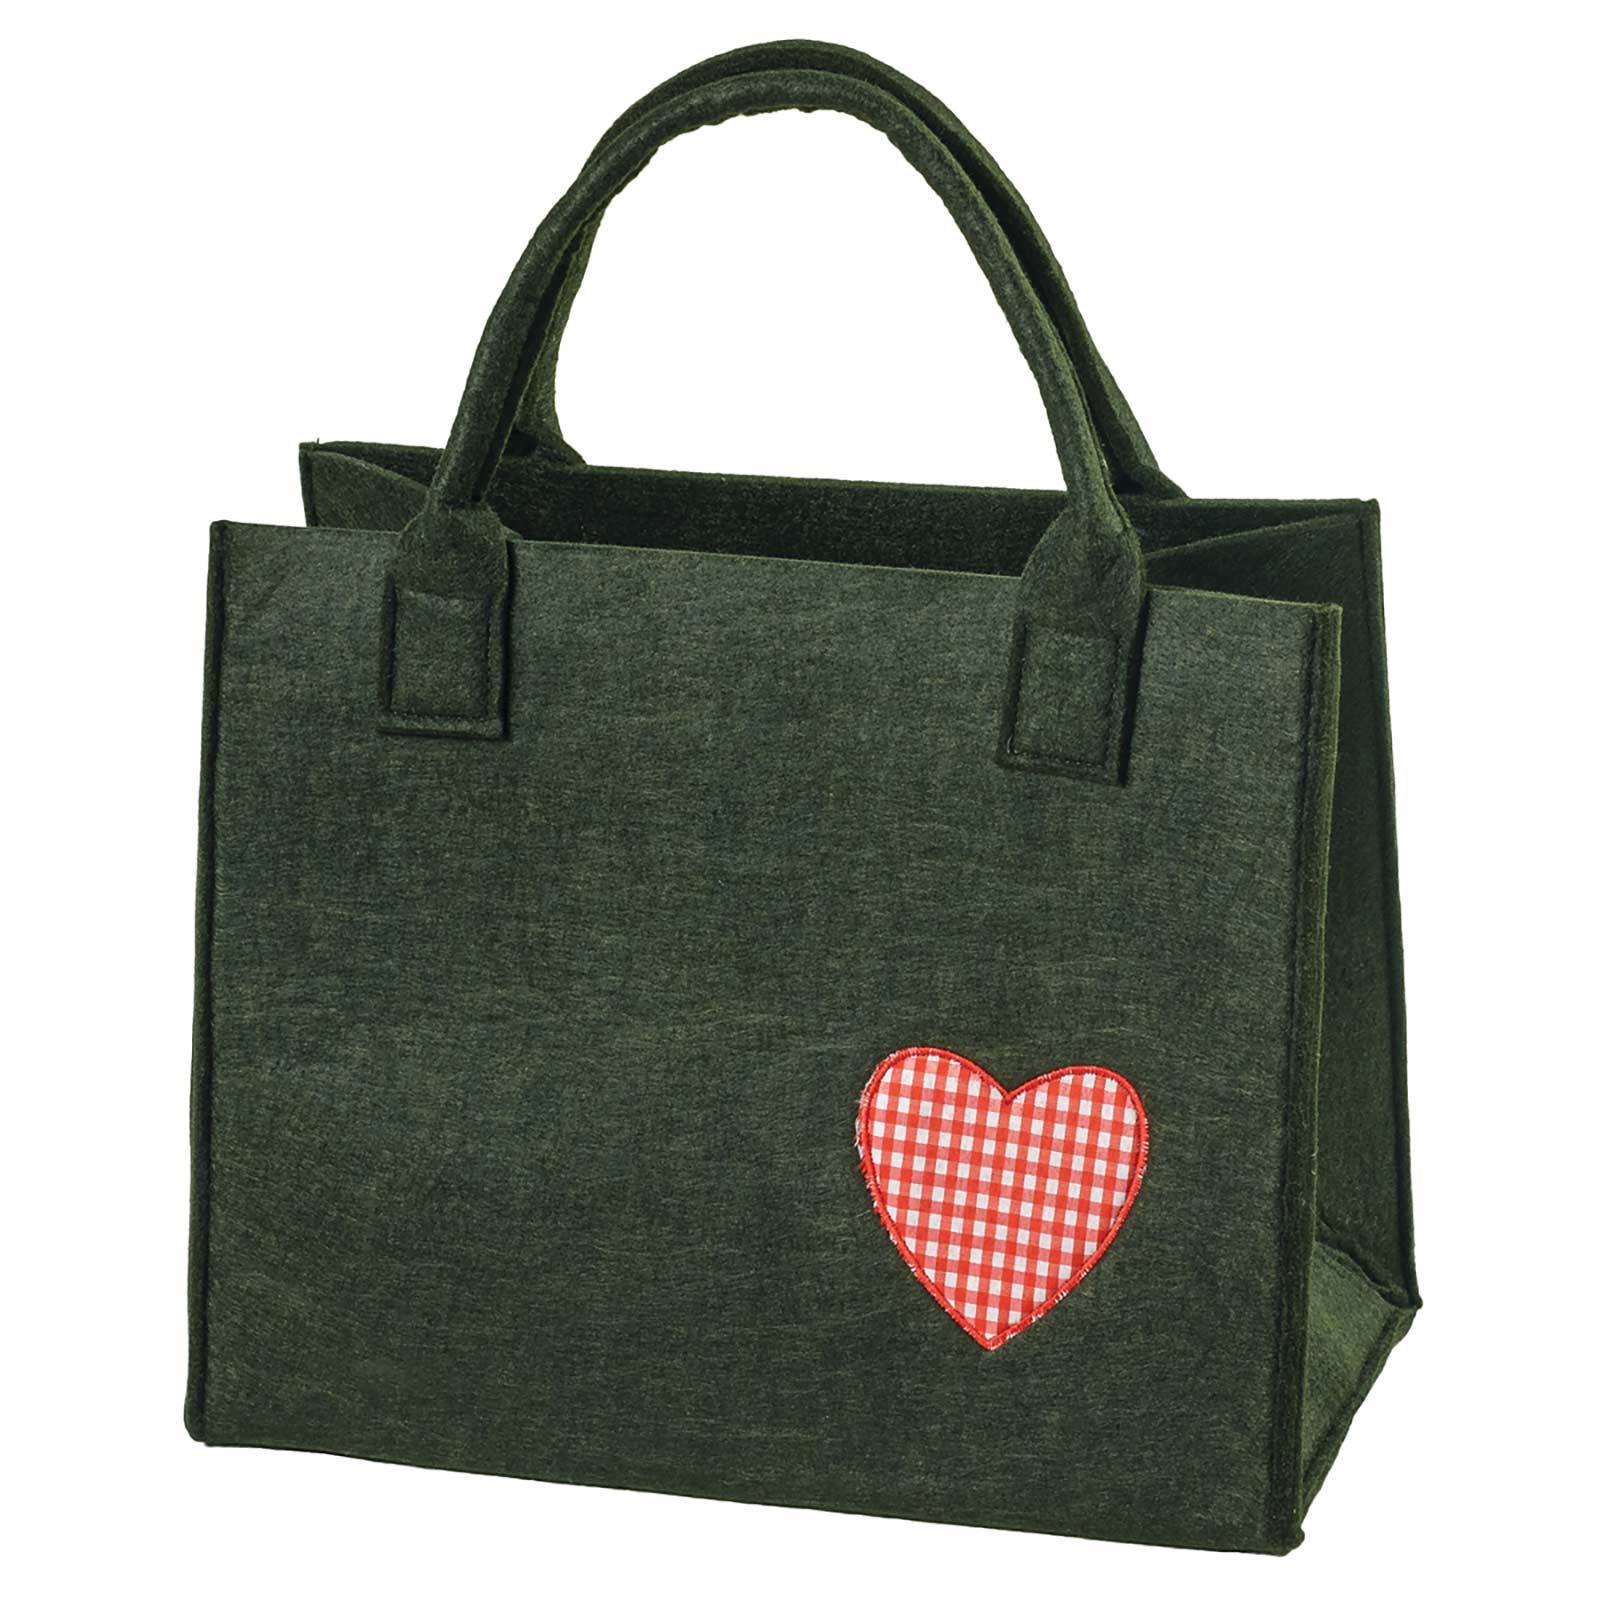 Filztasche 35x20x43cm Einkaufstasche Handtasche Shopper 2-farbig o. Motiv – Bild 19